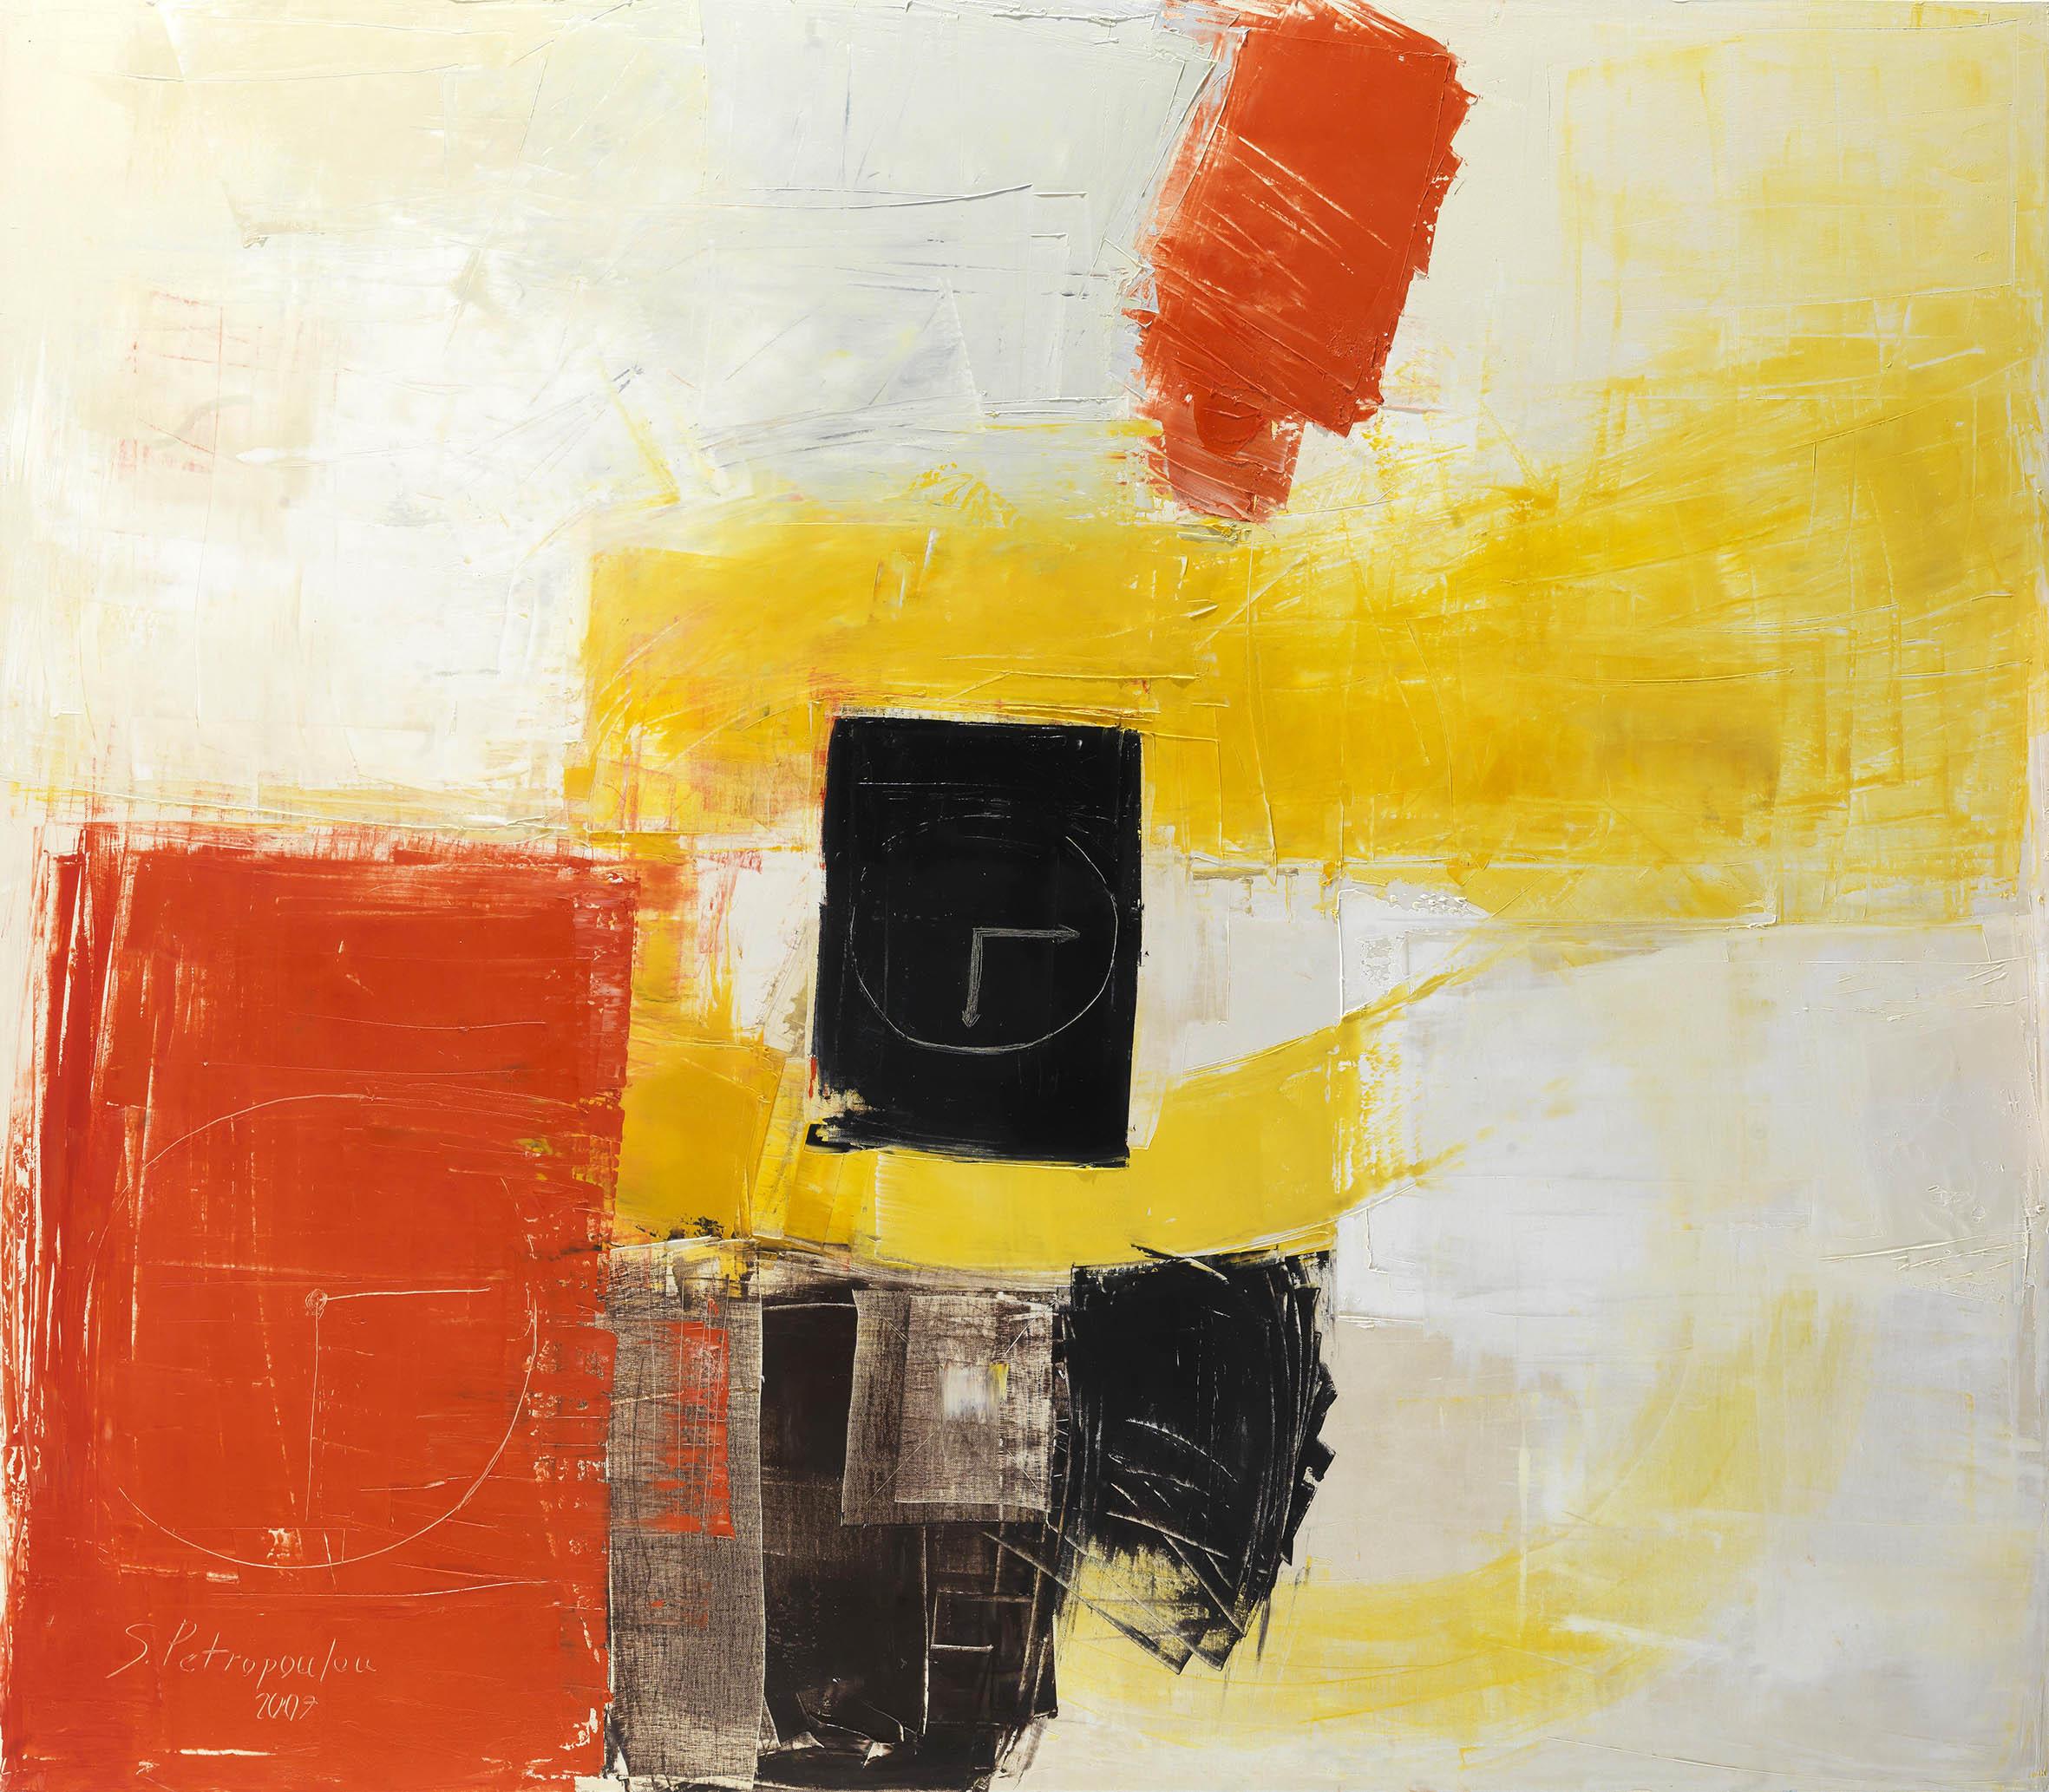 Σοφία Πετροπούλου, Τα πάντα ρει (2007), Λάδι σε μουσαμά, 140 x 160 εκ.